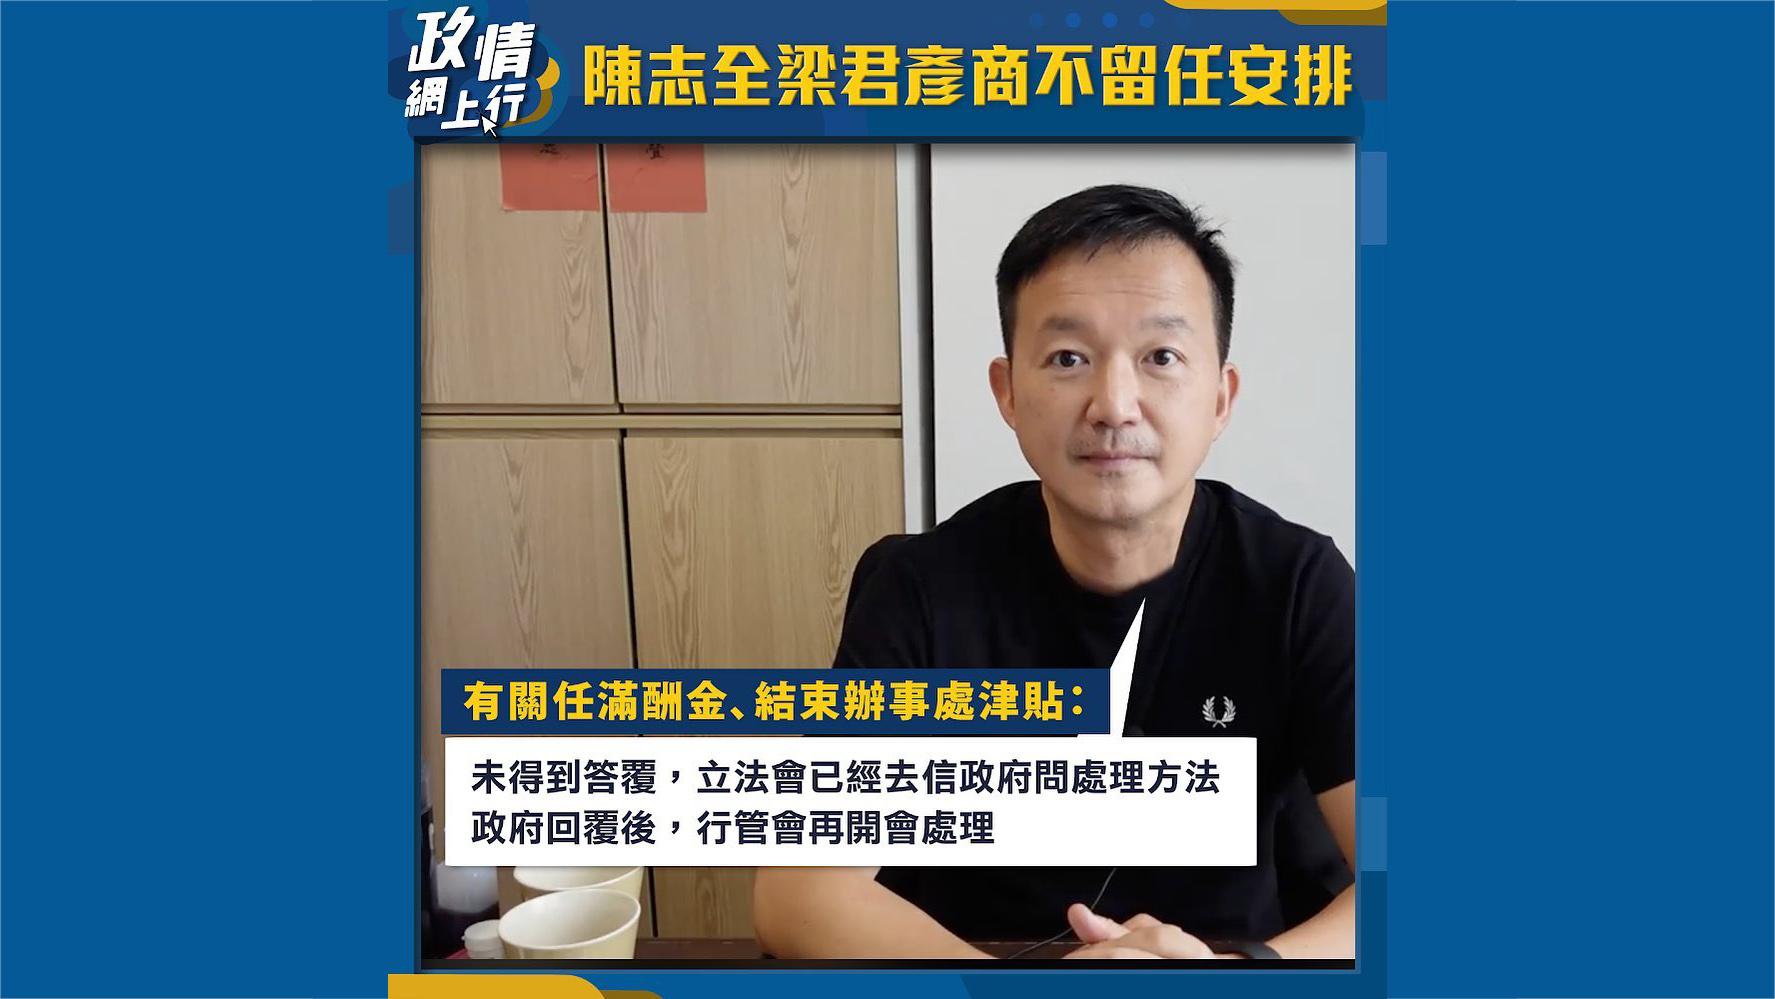 【政情網上行】陳志全梁君彥商不留任安排